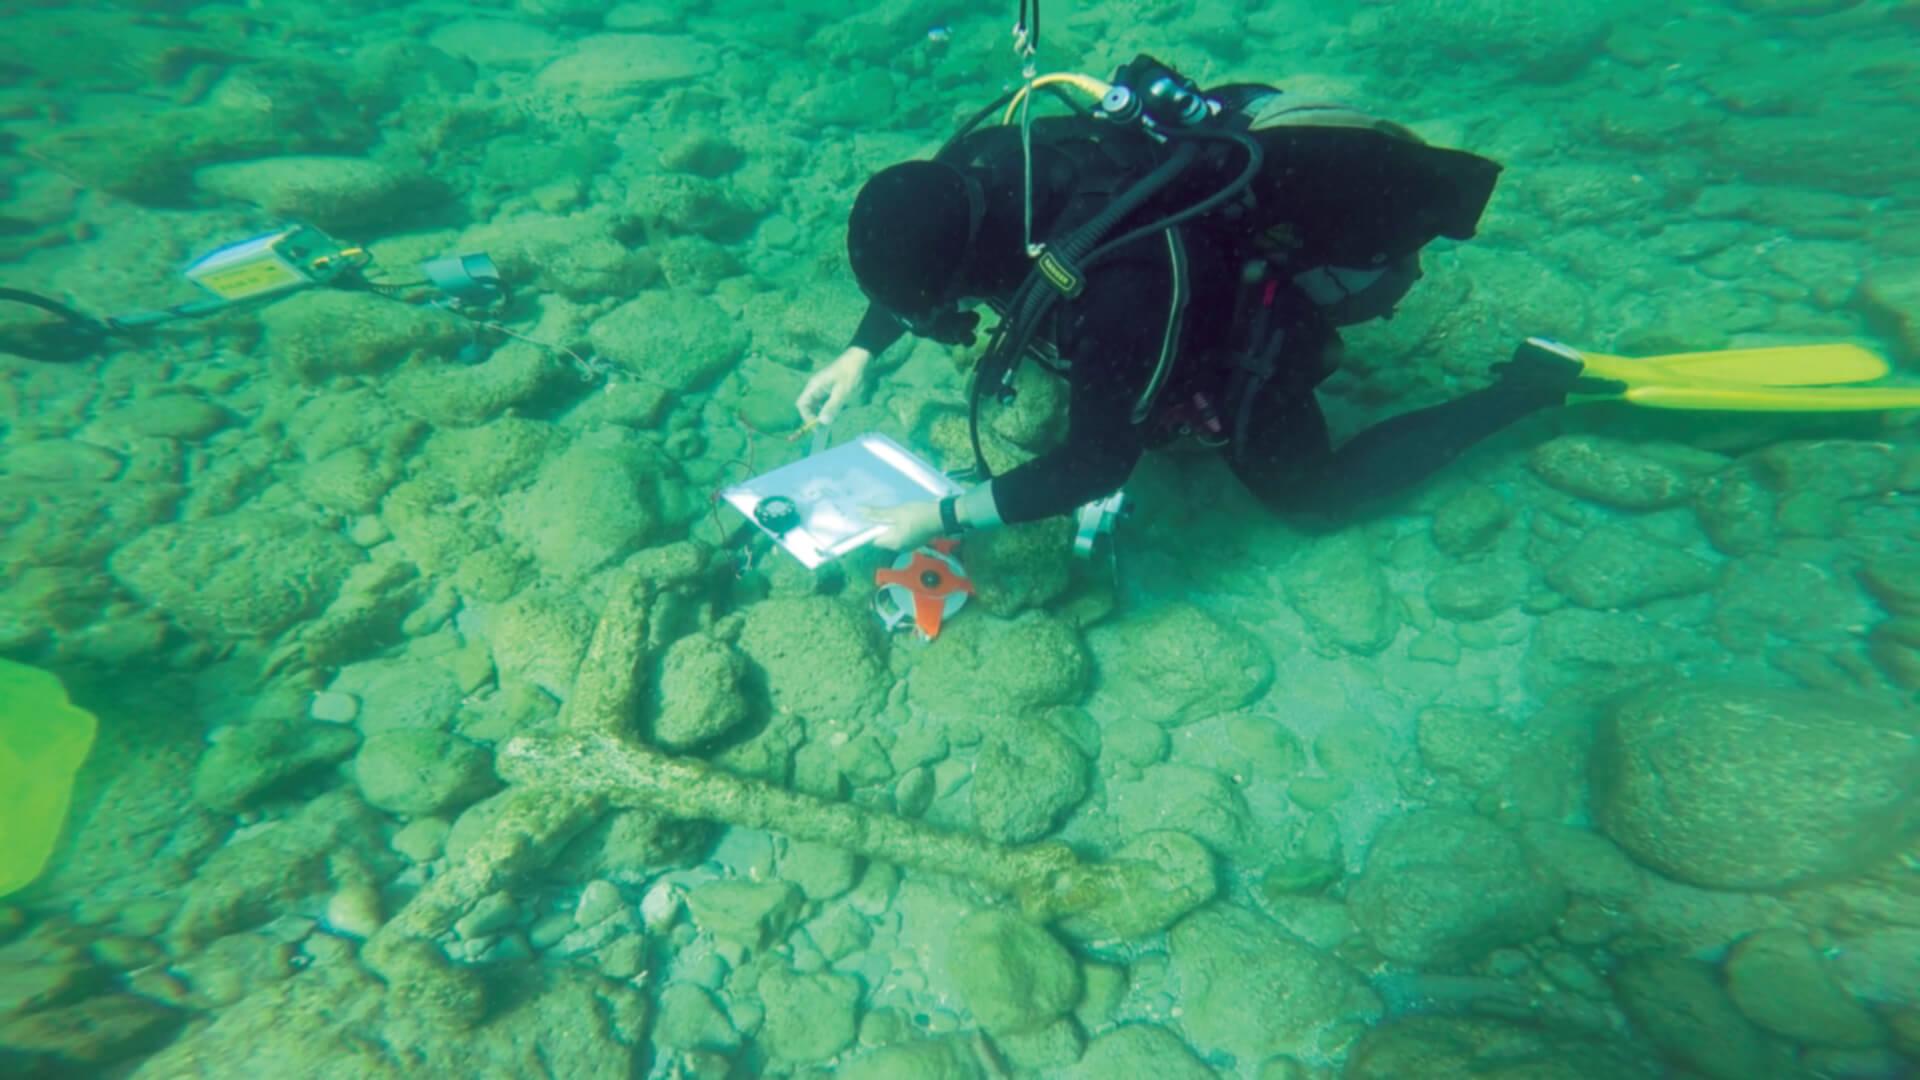 סערות החורף שפקדו את חופי ישראל מאז דצמבר 2010 הסירו את מרבית החול מברכת הנמל וחשפו ממצאים ארכאולוגיים רבים לצד שרידים של ספינות טרופות ומטעניהן, ובהם העוגן שבתמונה